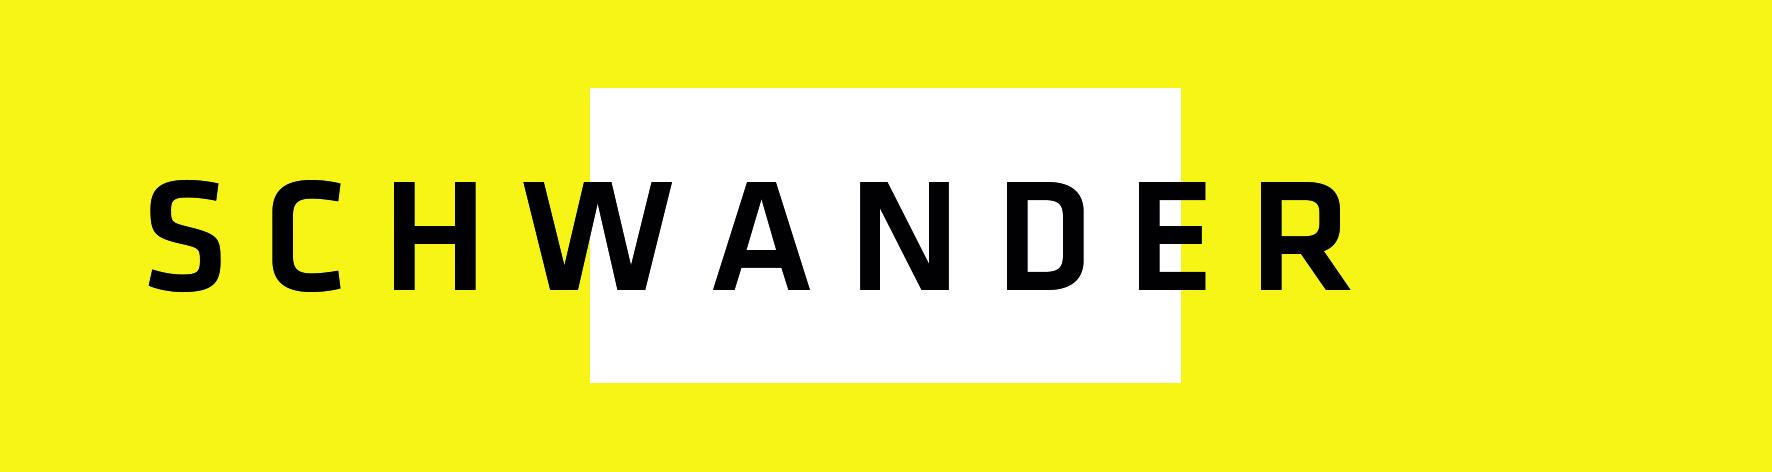 SCHWANDER logo